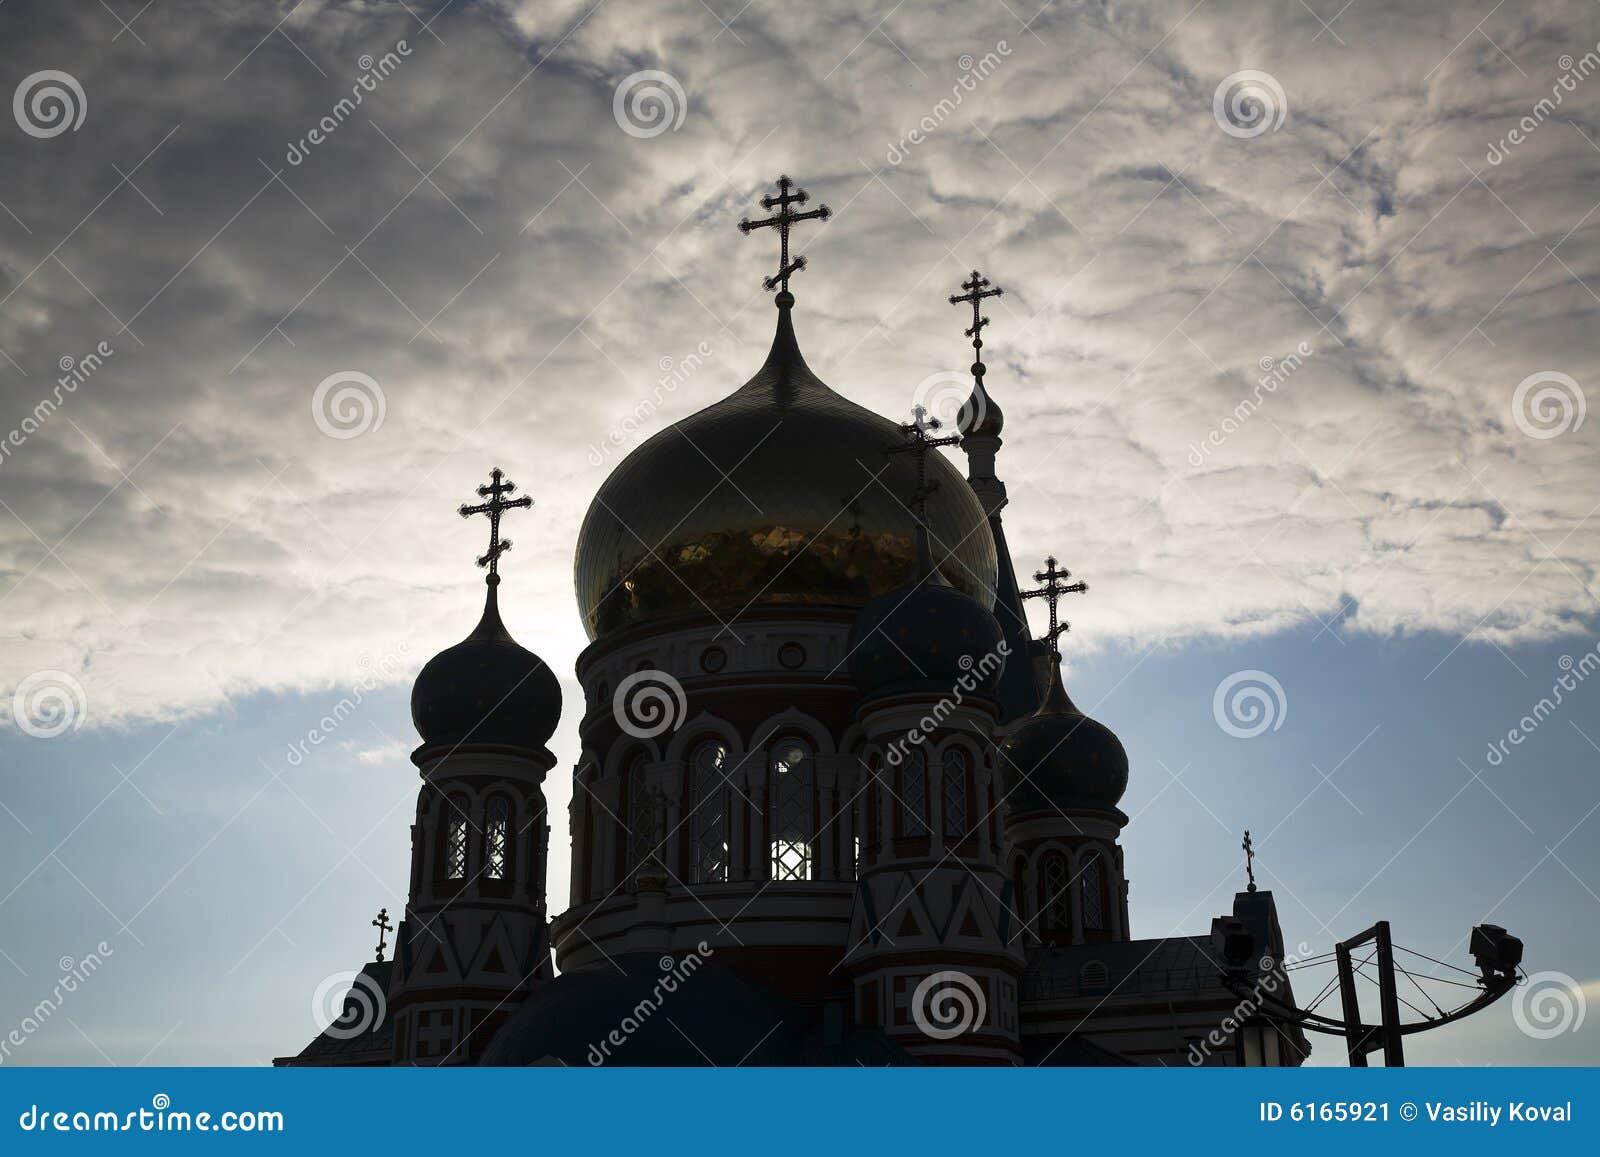 Orthodoxy church